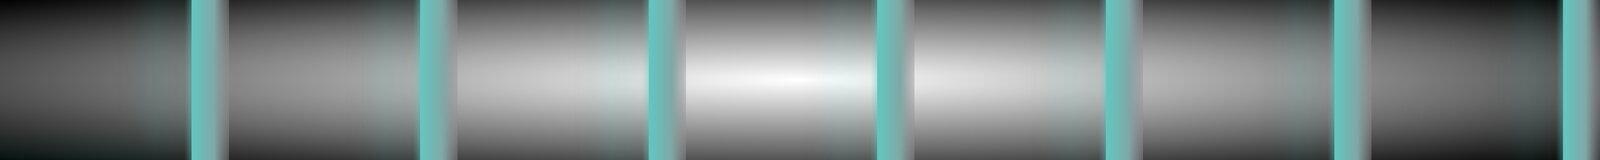 Искусство цифров, абстрактные трехмерные объекты с мягким освещением Альфредом Georg Sonsalla, Германией Стоковые Фото